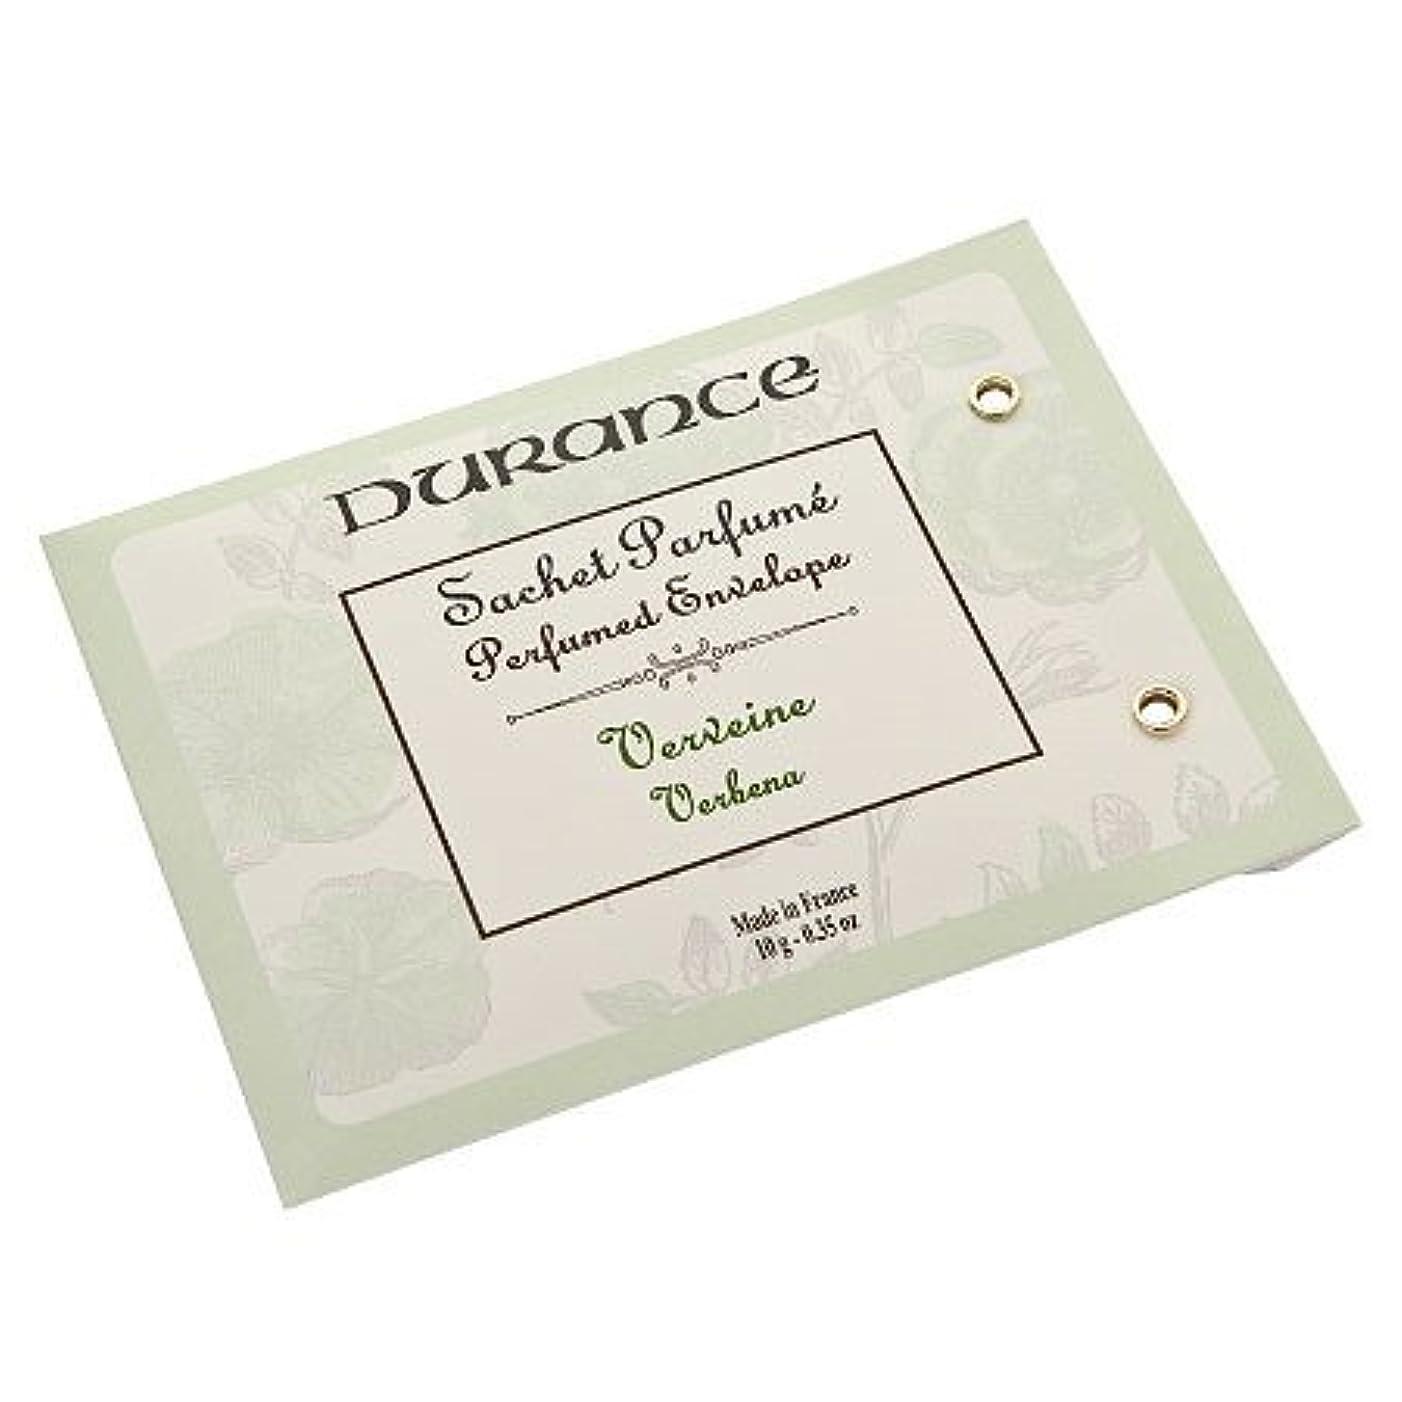 お誕生日巨大な処分したデュランス Durance エンベロープ Scent envelopes 香り袋 匂い袋 サシェ (バーベナ47507) [並行輸入品]